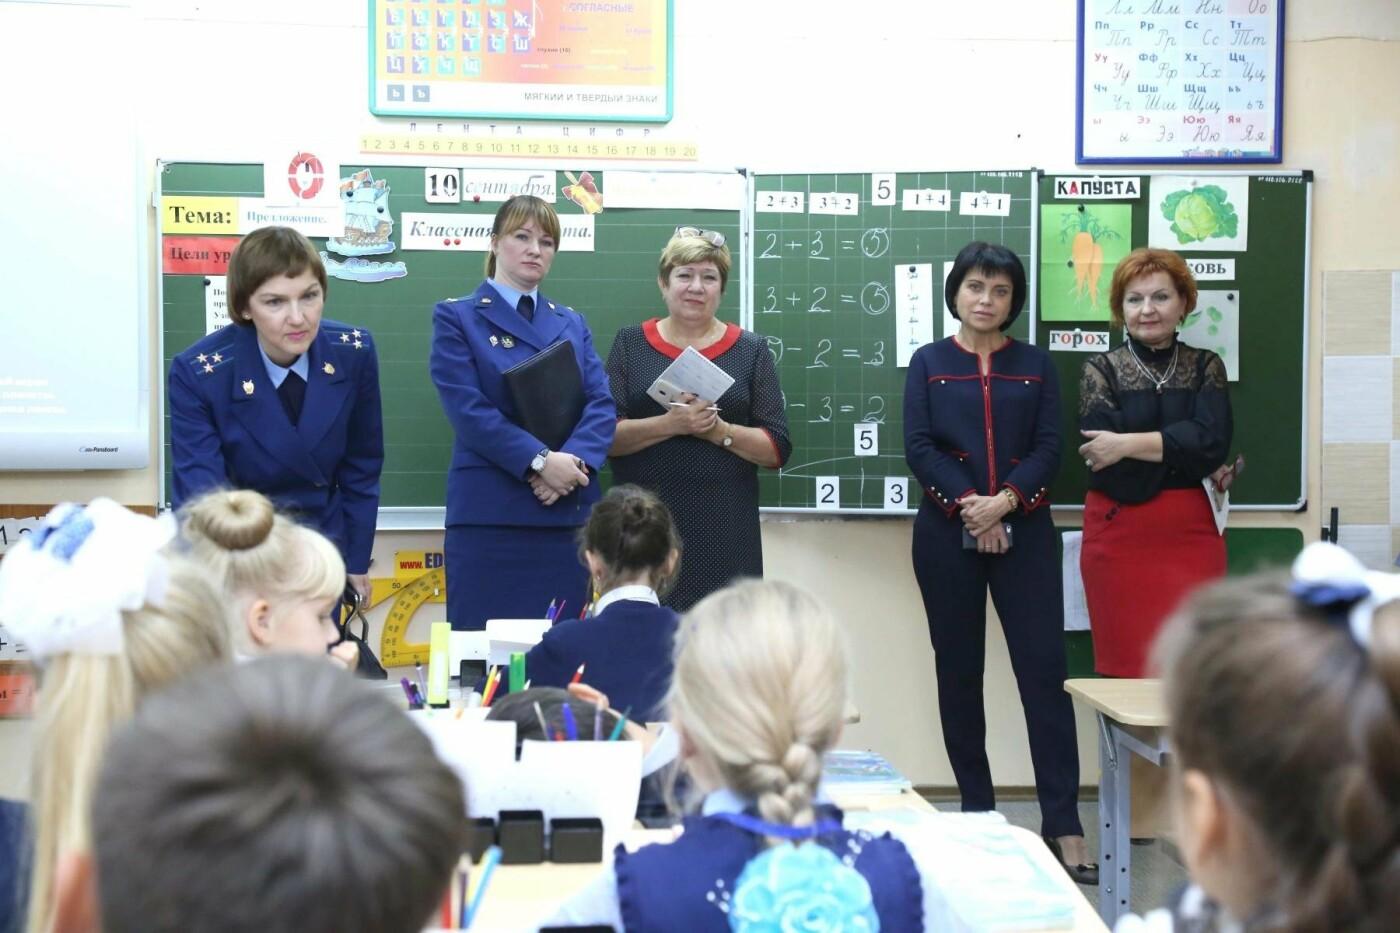 Кишечная инфекция? Школу №42 Петропавловска закрыли на карантин , фото-3